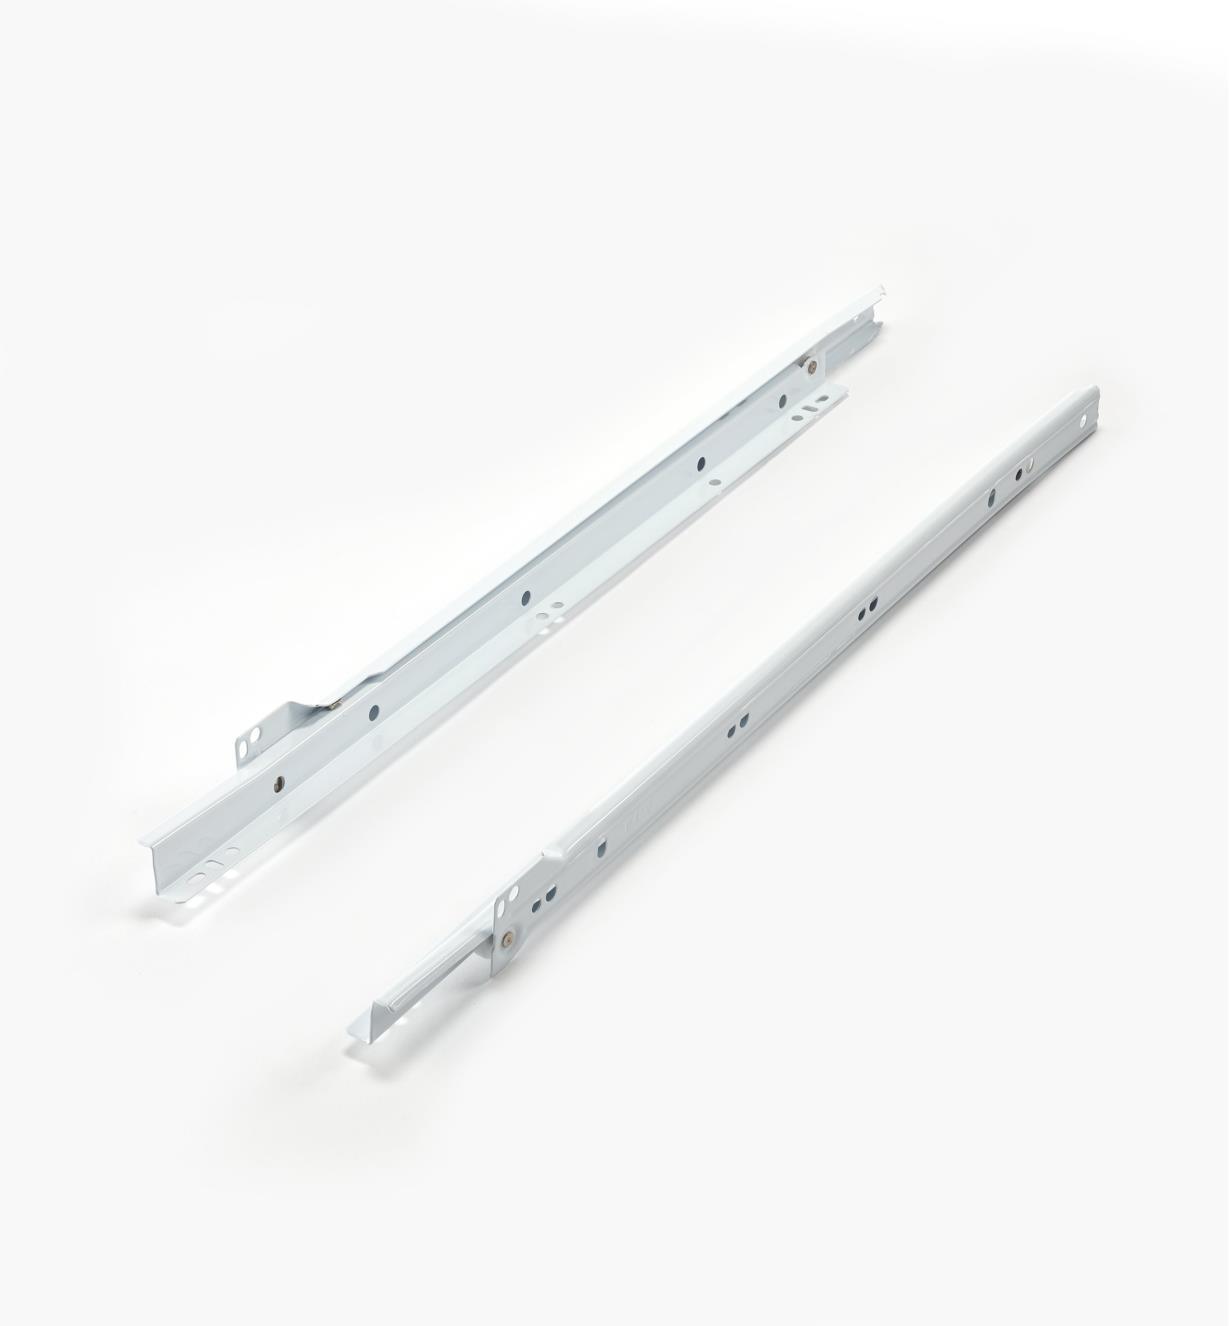 12K0818 - Coulisses standards de 450mm pour meuble de cuisine, la paire